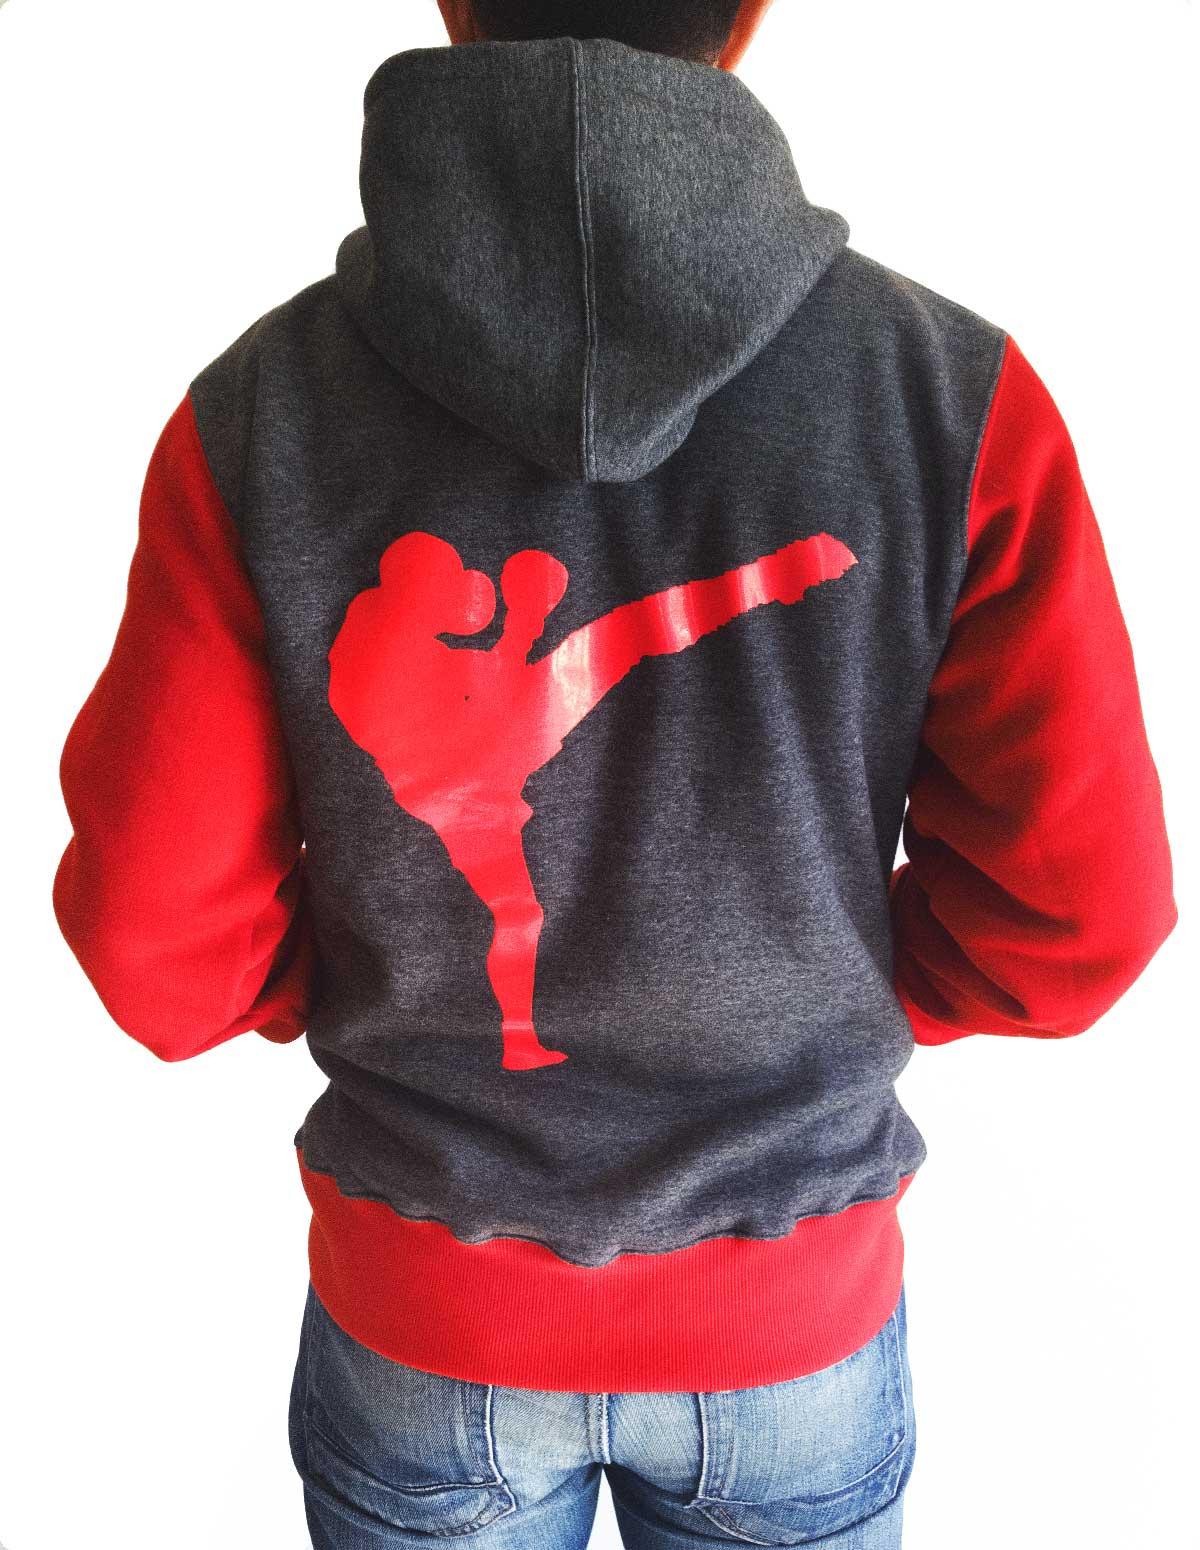 Veste à capuche grise et rouge MMvA brodé dos